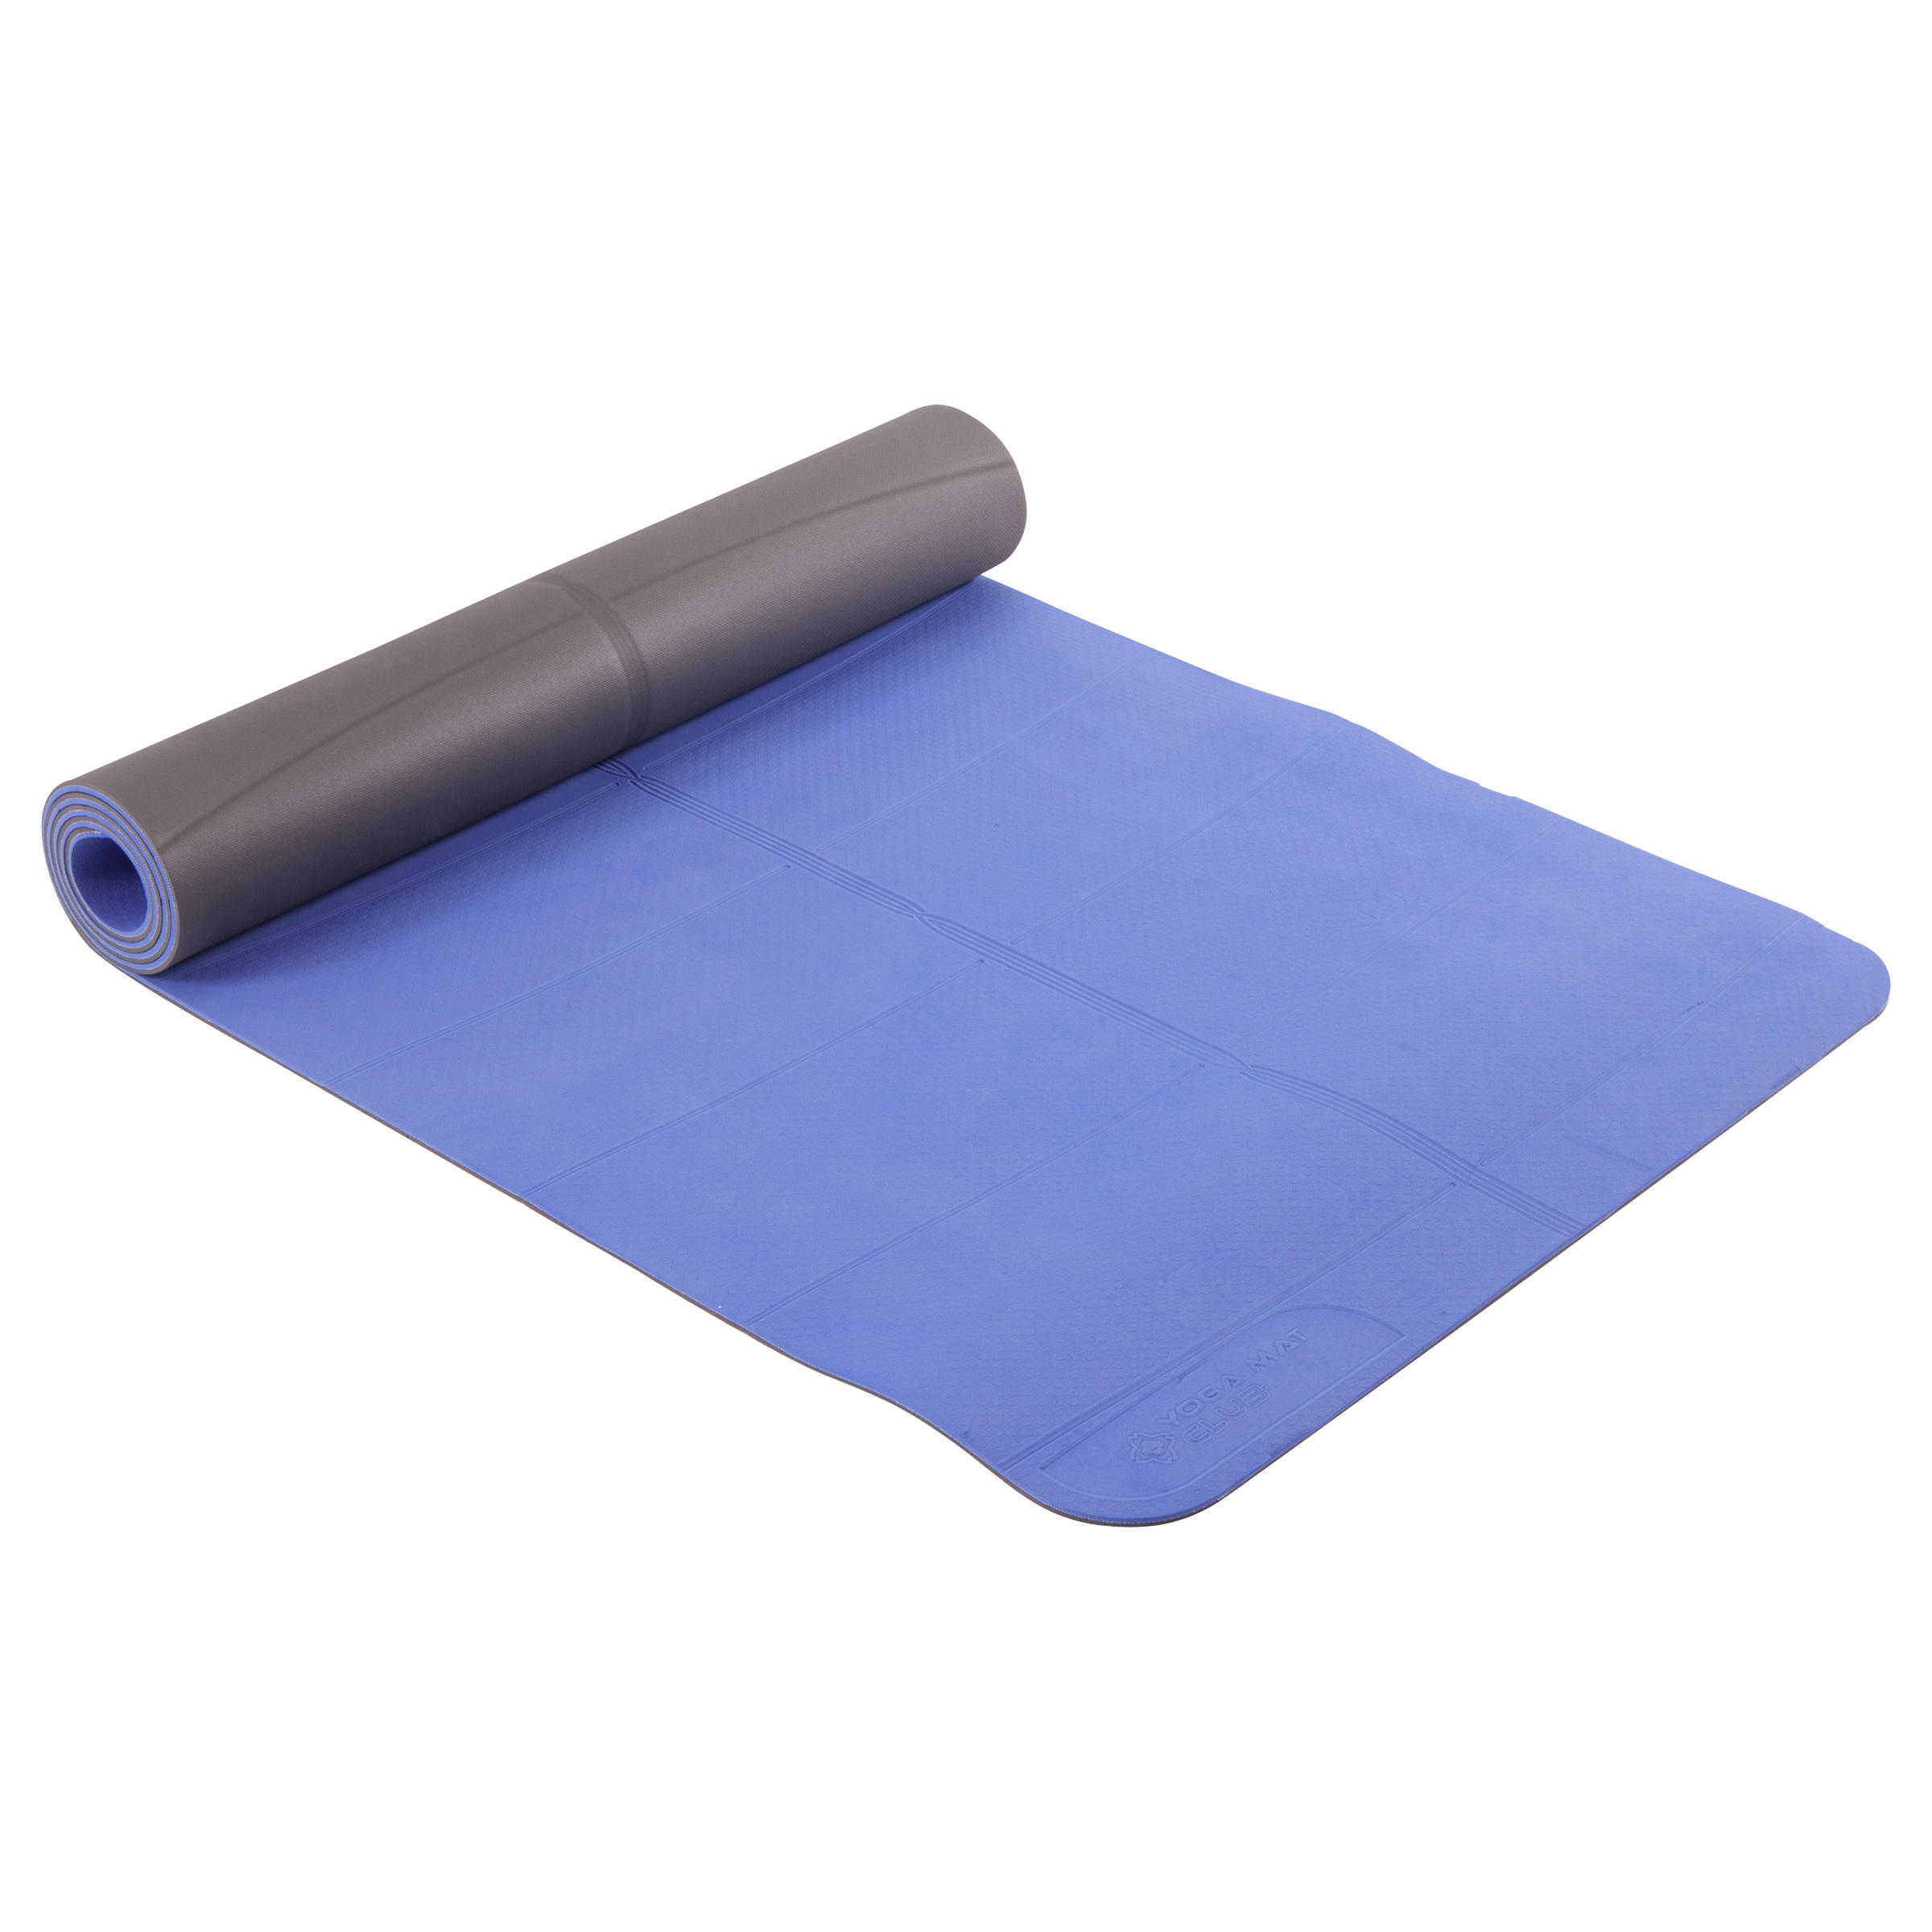 Domyos Yogamat TPE voor zachte yoga 5 mm